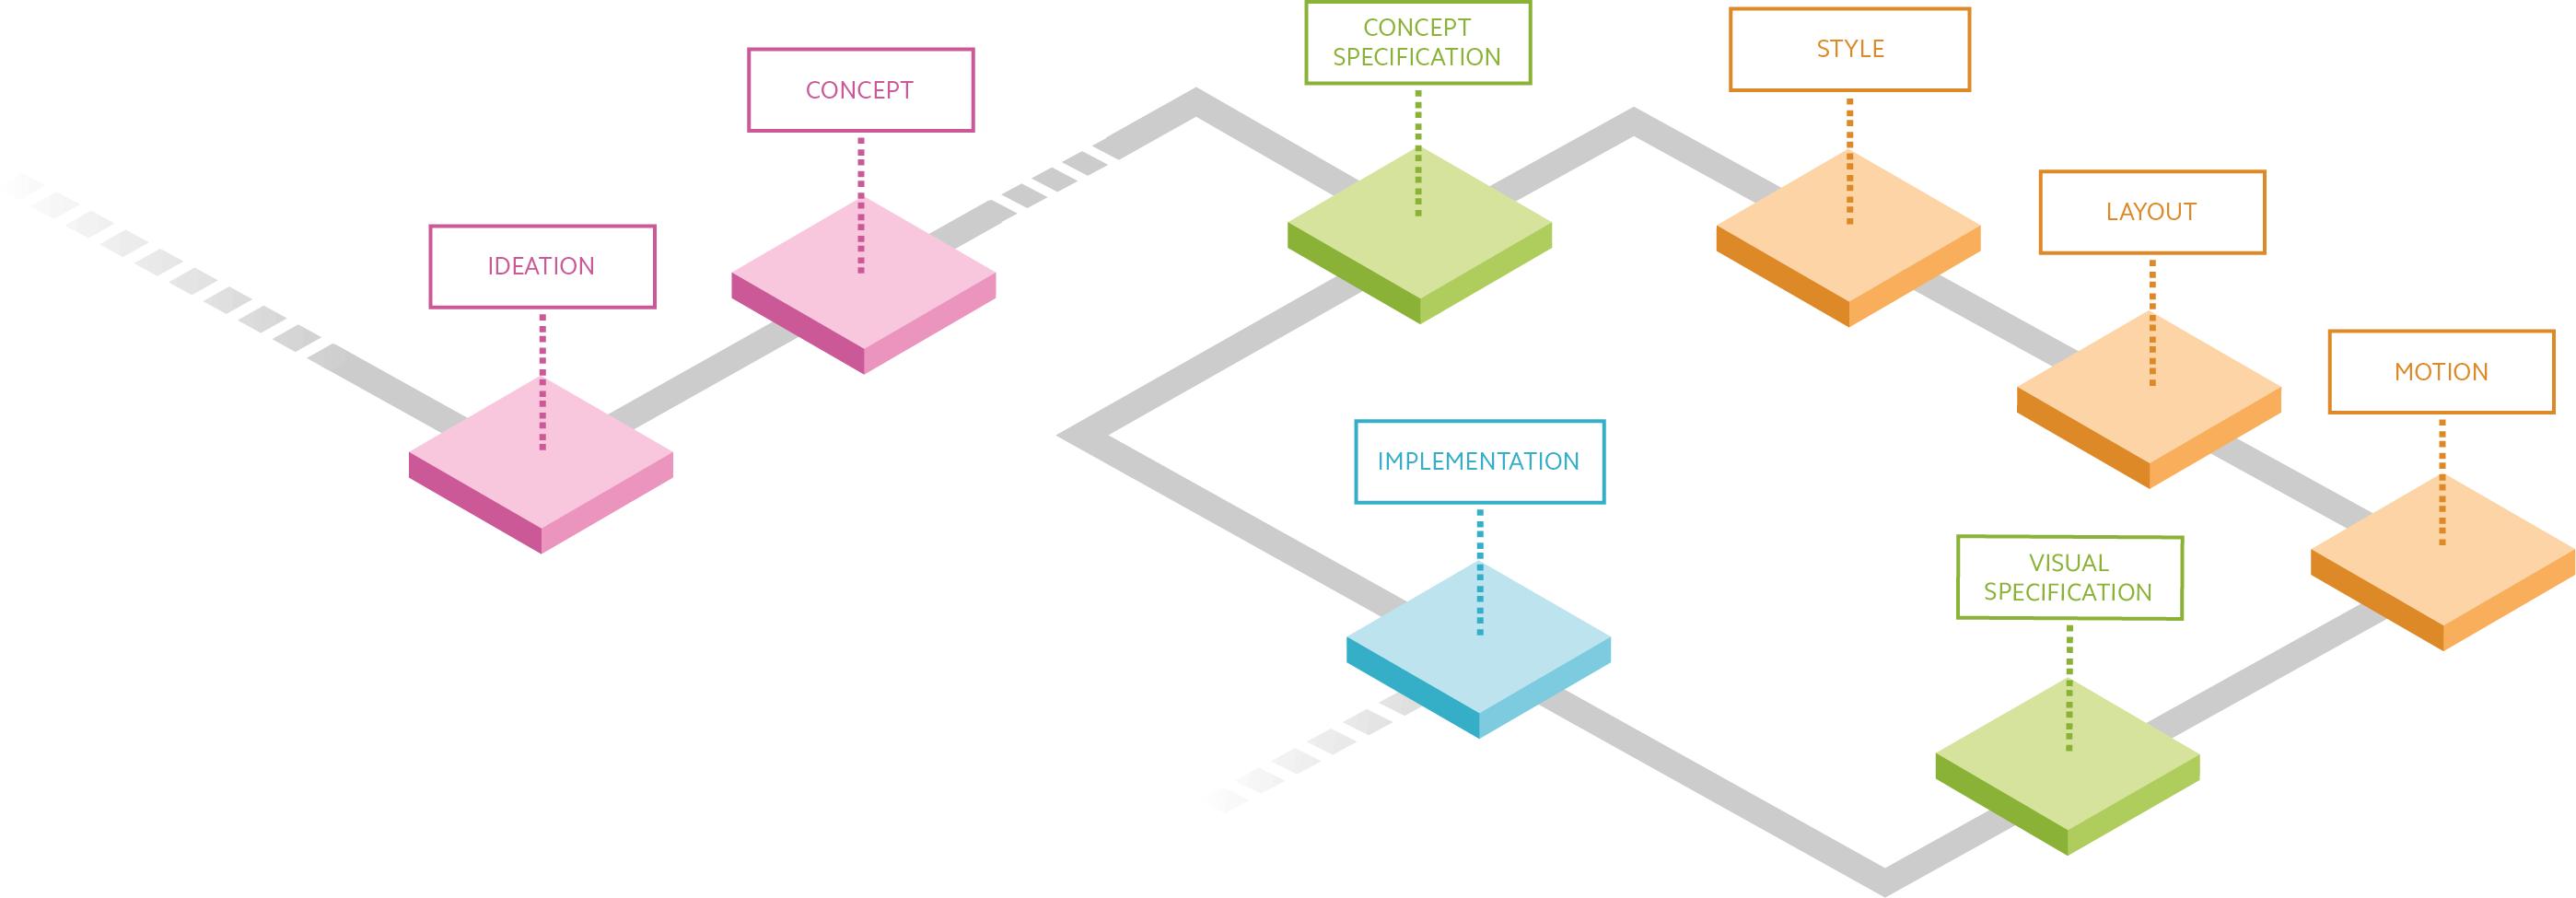 Der UI Design Prozess angelehnt an Lean UX und Design Thinking